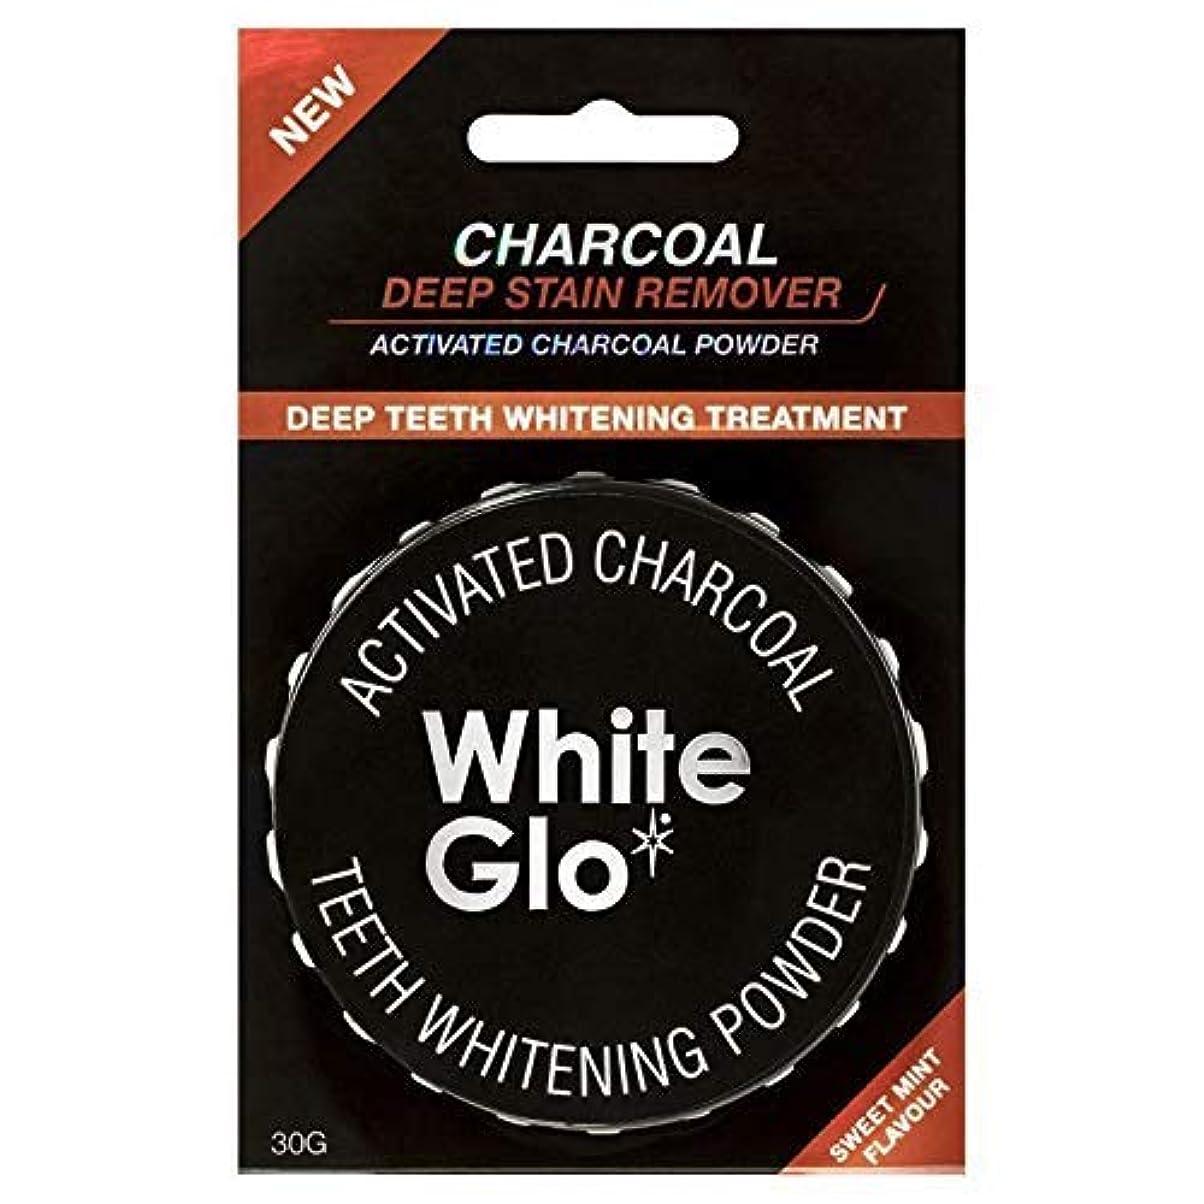 第二にパック変装したTeeth Whitening Systems White Glo Activated Charcoal Teeth Whitening Powder 30g Australia?/ システムを白くする歯を白くする歯の粉30gオーストラリアを白くする活性炭